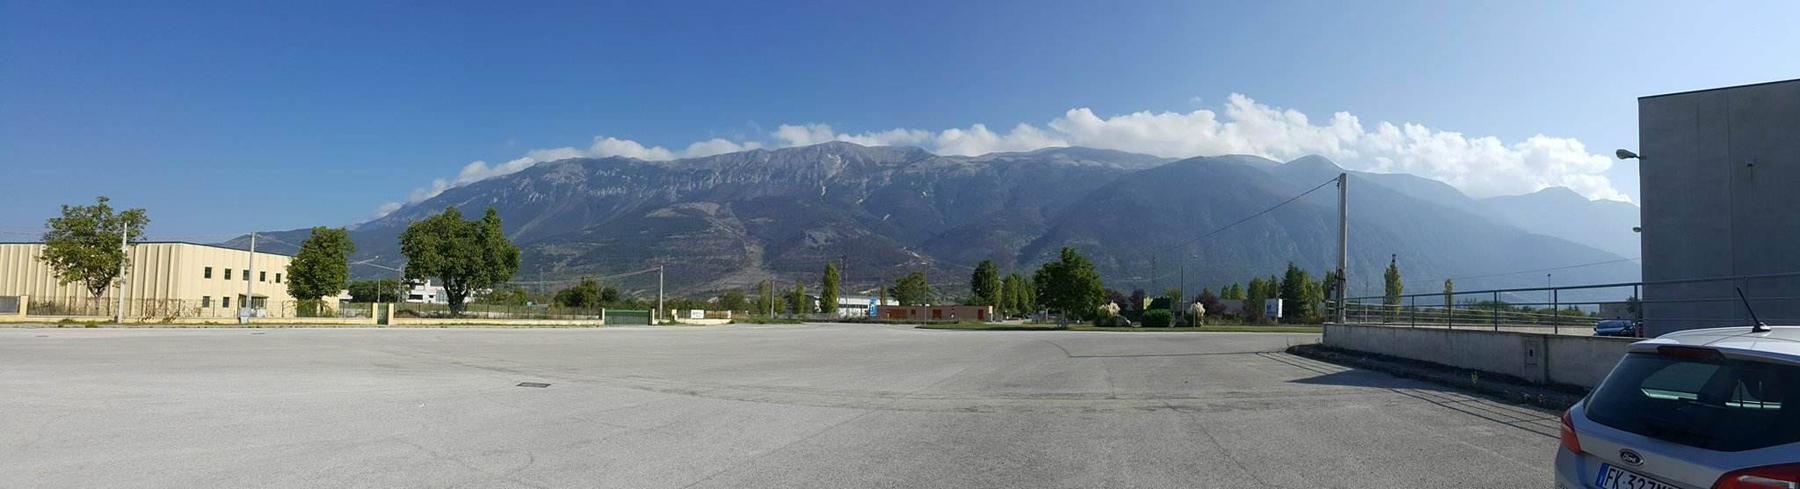 See mägi tervitas eestlasi juhtrajasõidu maailmameistrivõistluste ajal Itaalias igal hommikul Foto Karmen Mets